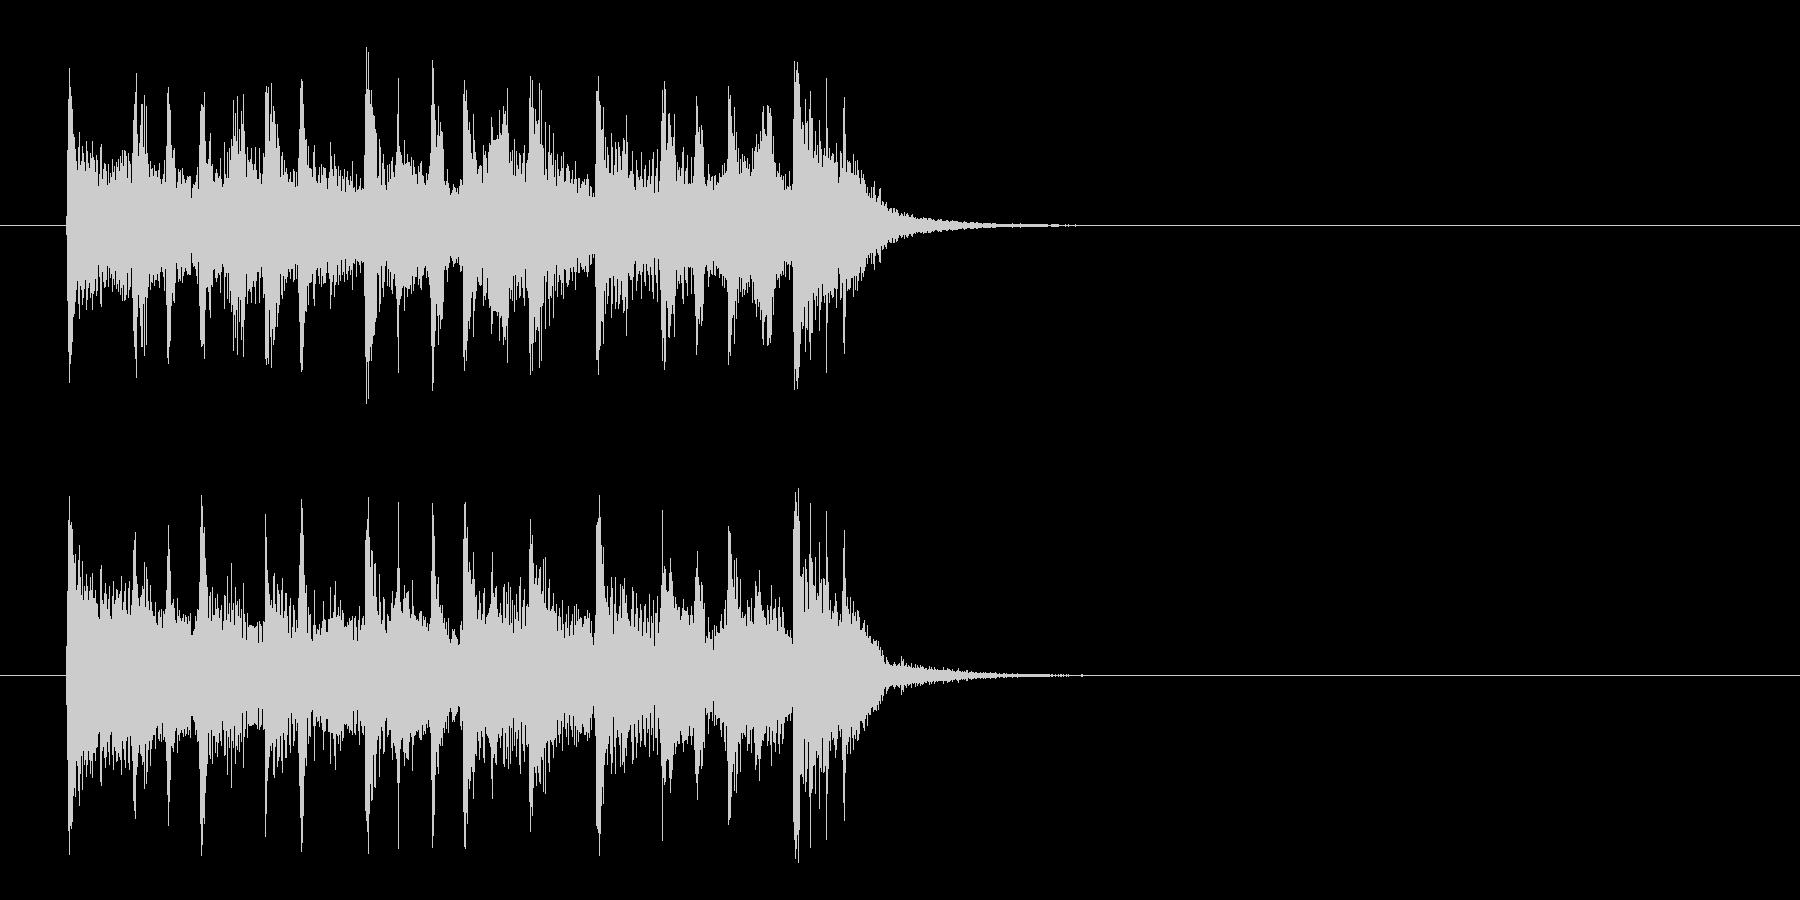 ジングル(深刻なドキュメント風)の未再生の波形